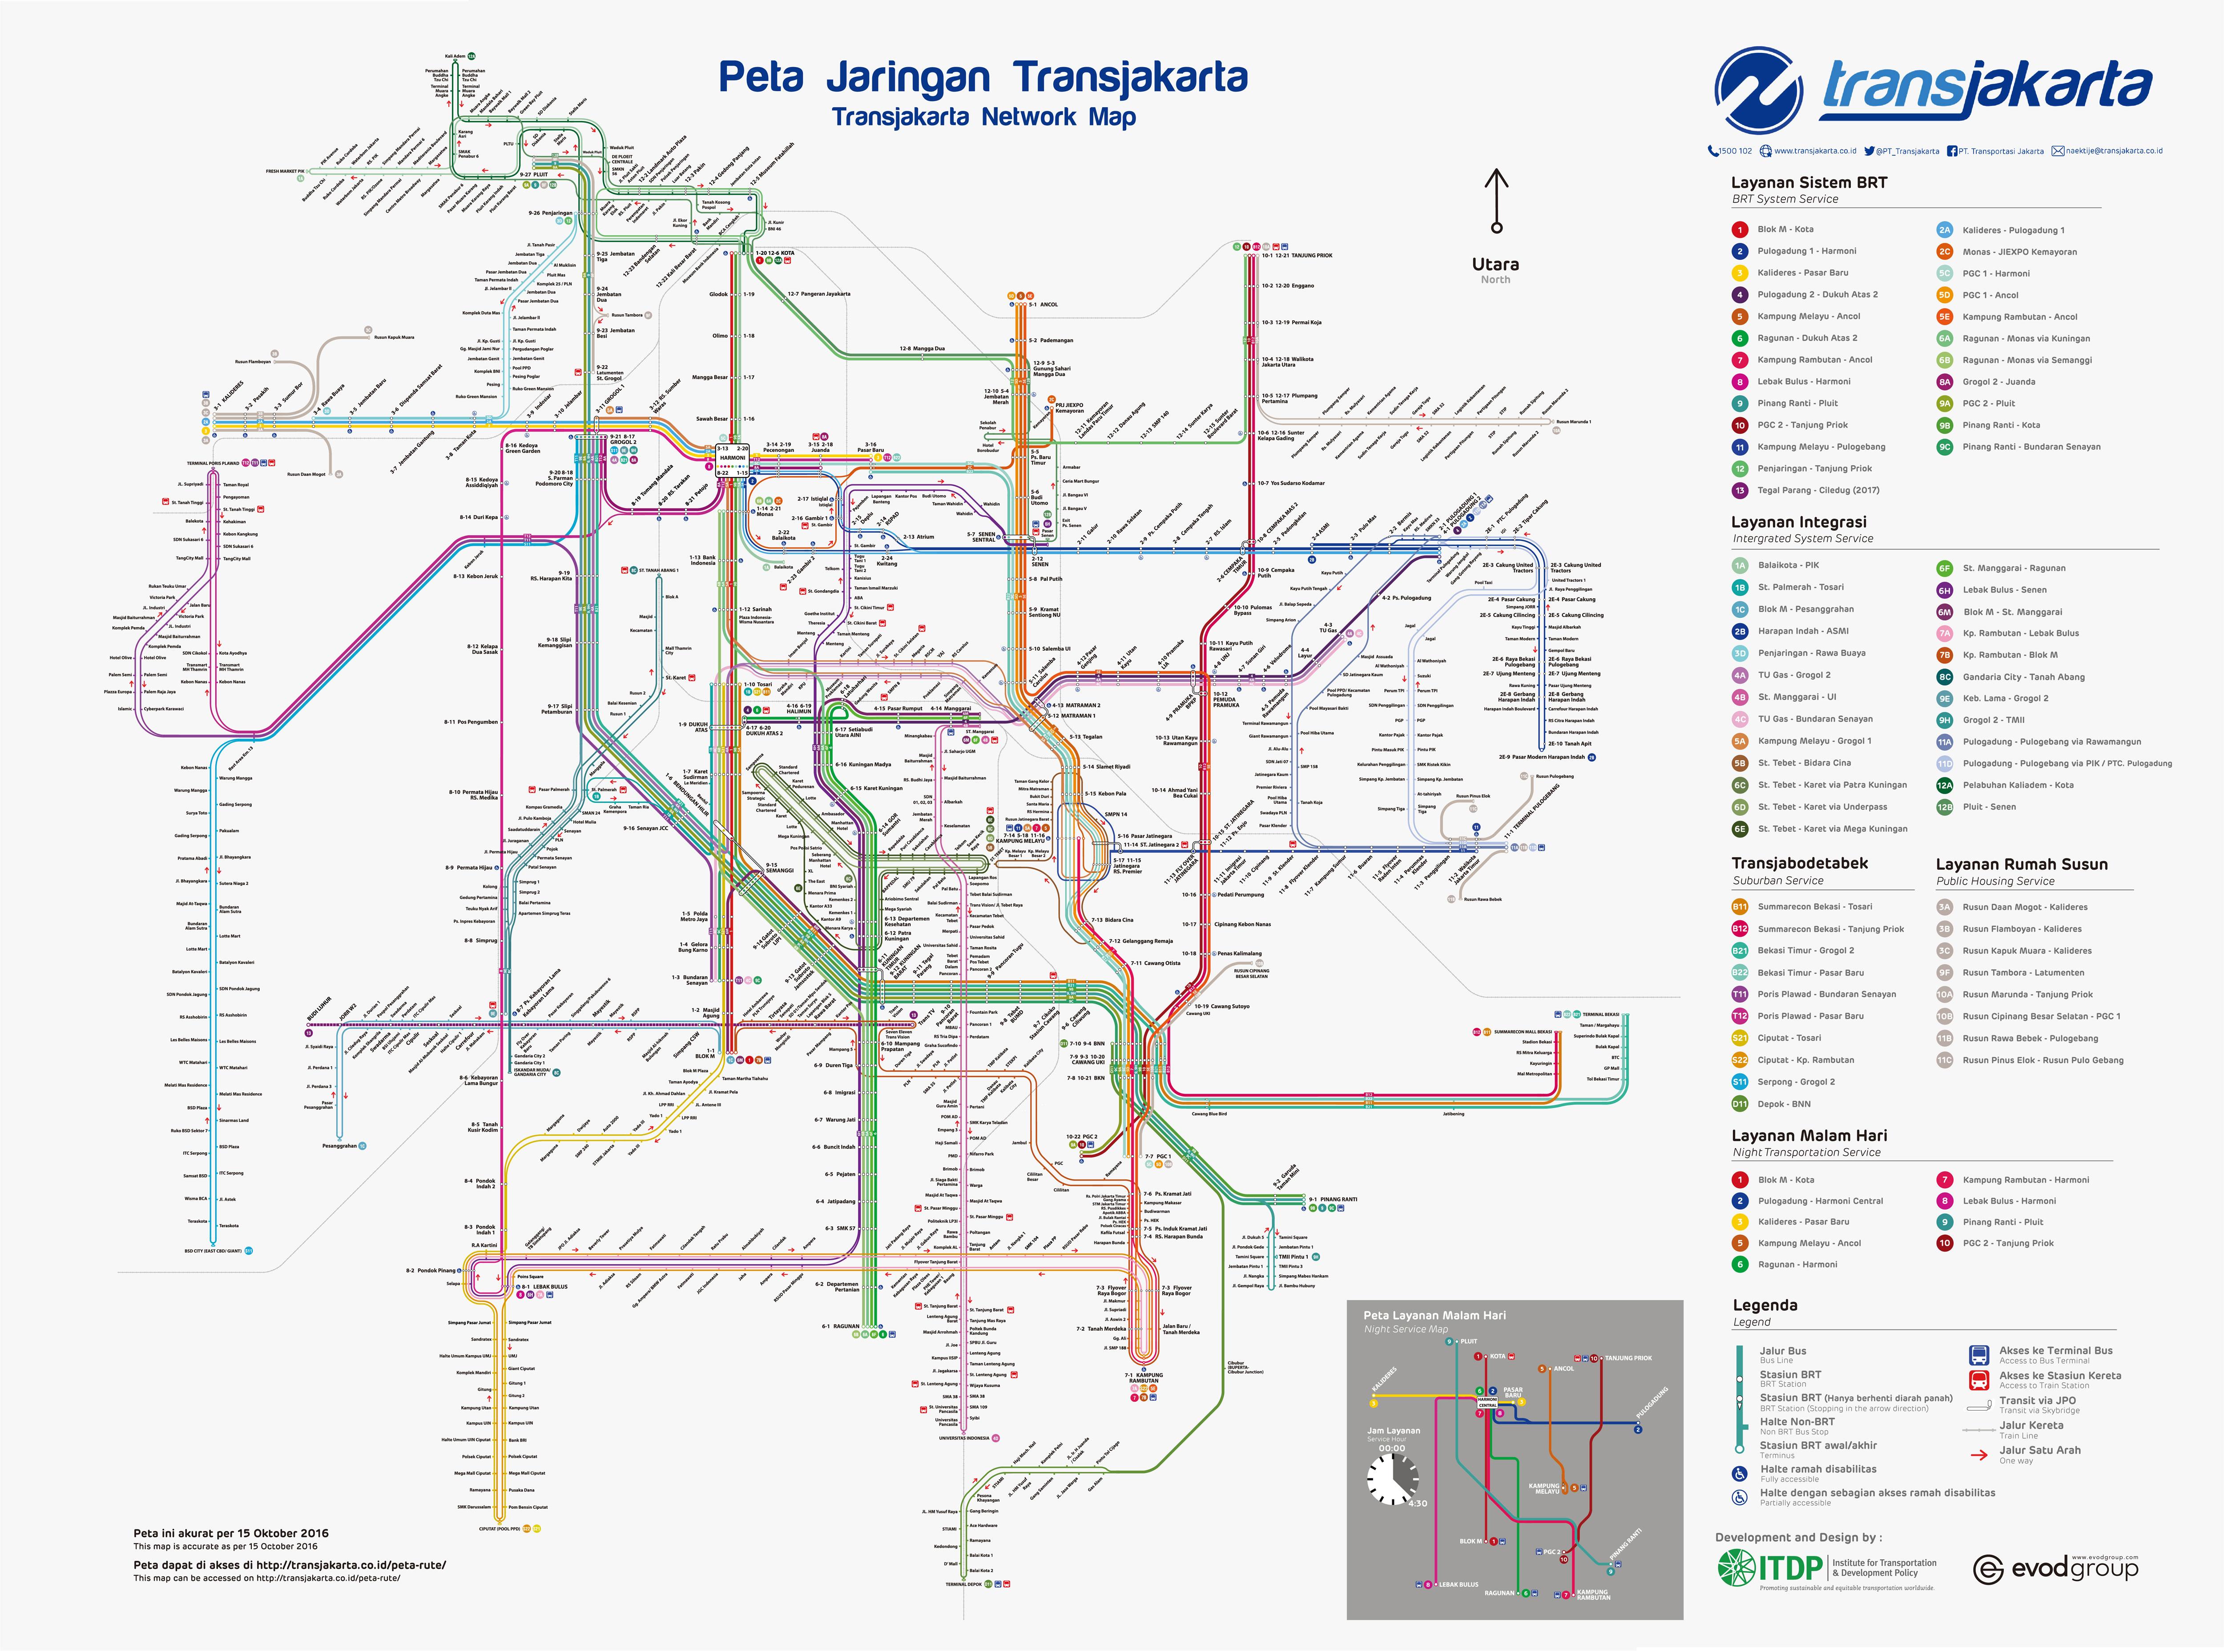 Peta Rute Transjakarta Ukuran Besar